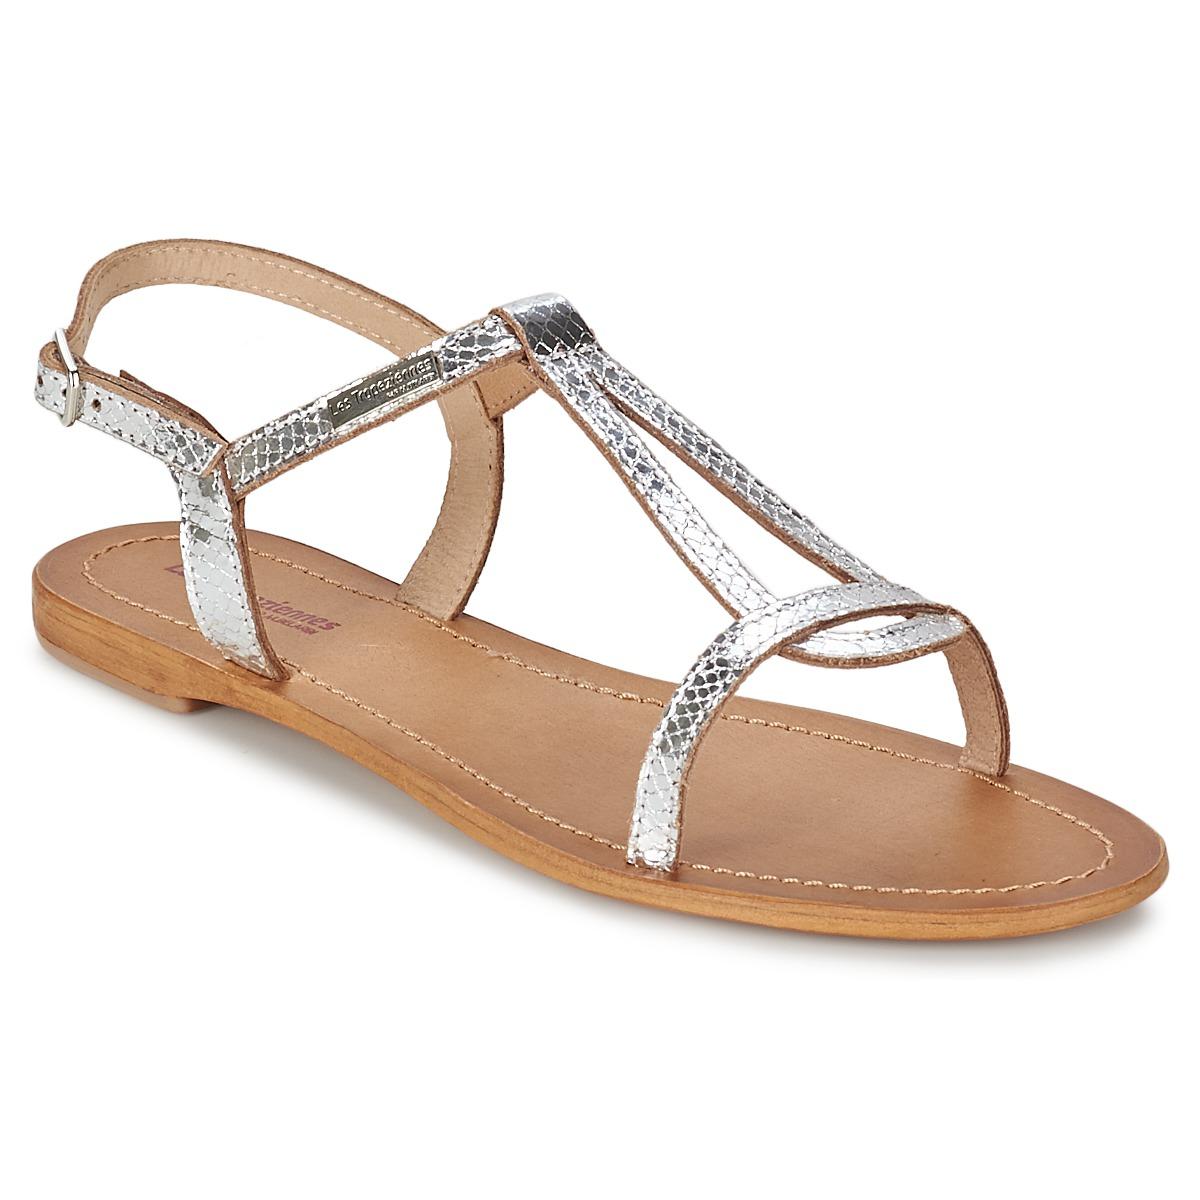 M M Belarbi Tropezienne Sandale M Sandale Tropezienne Belarbi Tropezienne Sandale Tropezienne Belarbi Sandale POTXZiku